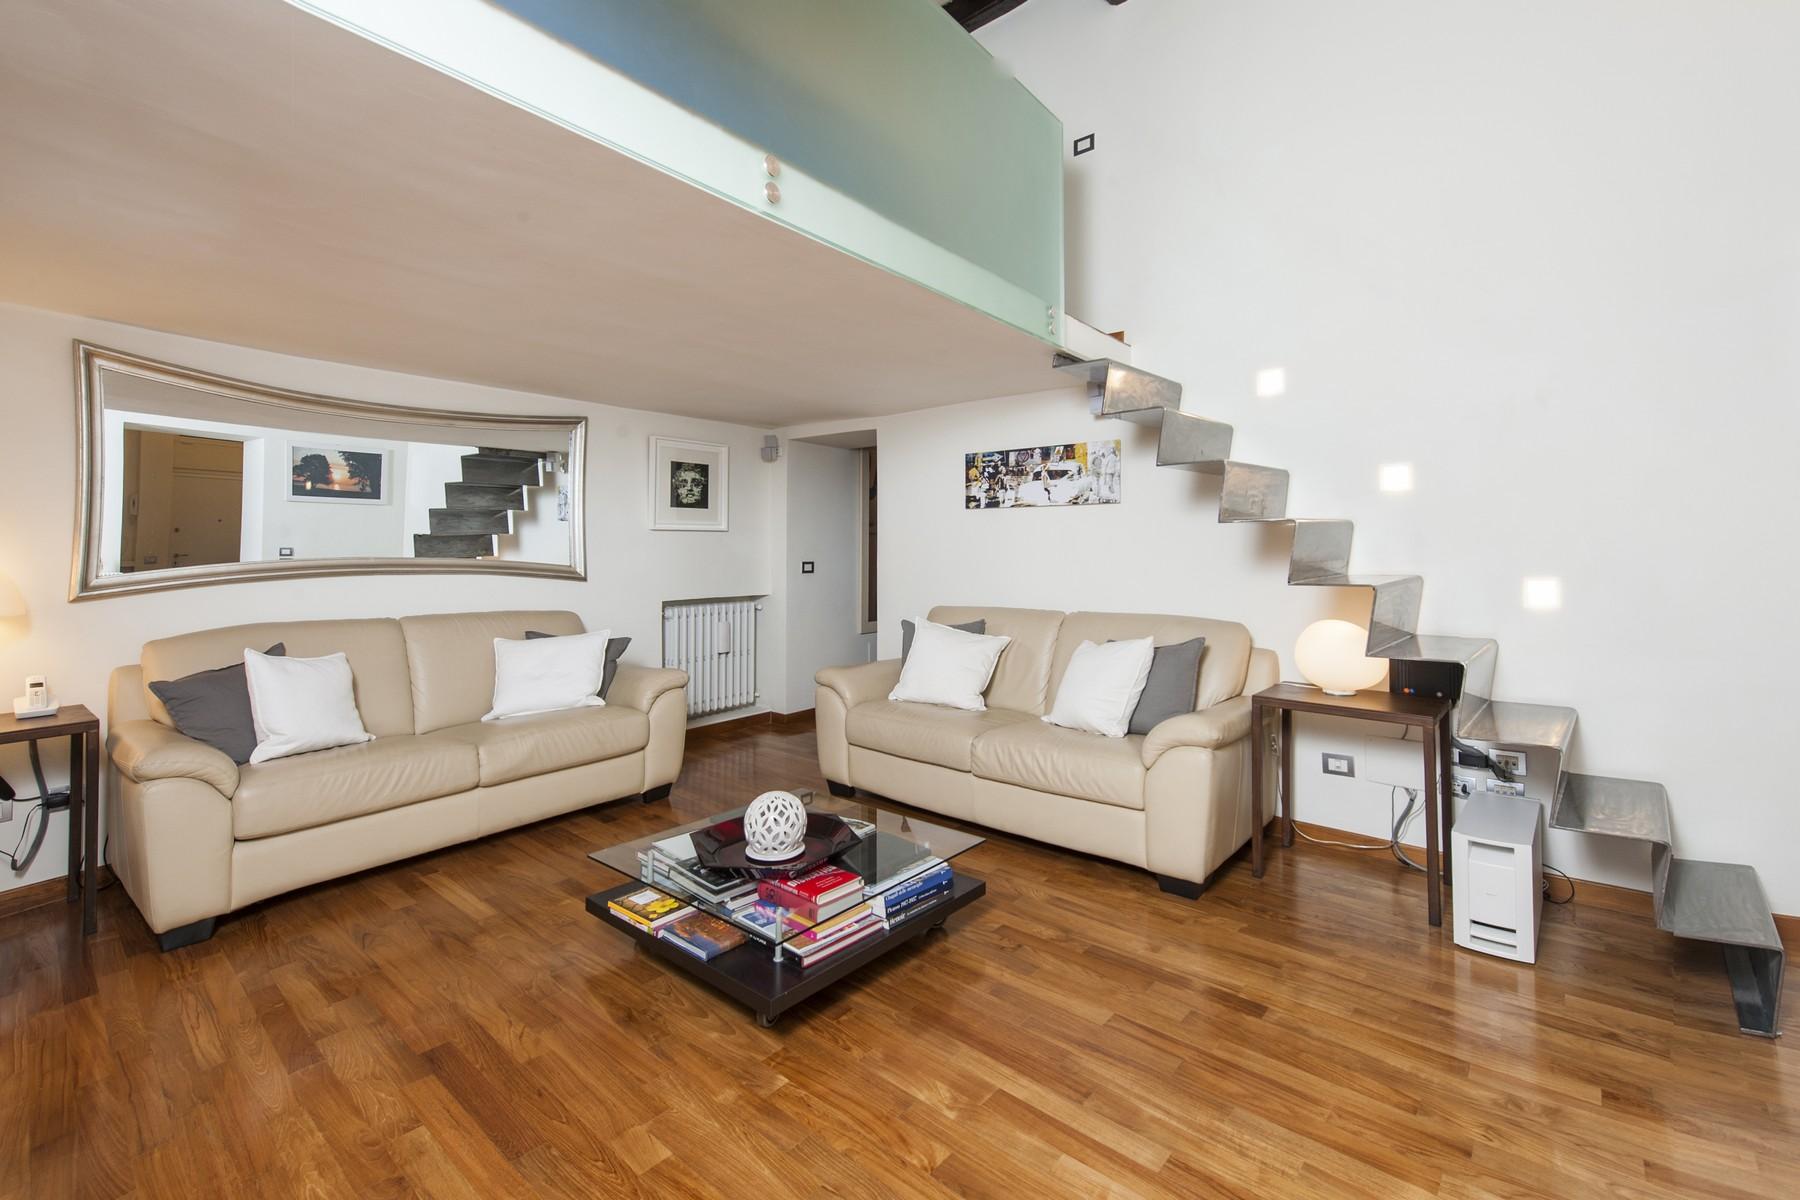 Appartamento per Vendita alle ore Appartamento di grande fascino a due passi da Trinità dei Monti Via Crispi Rome, Roma 00187 Italia